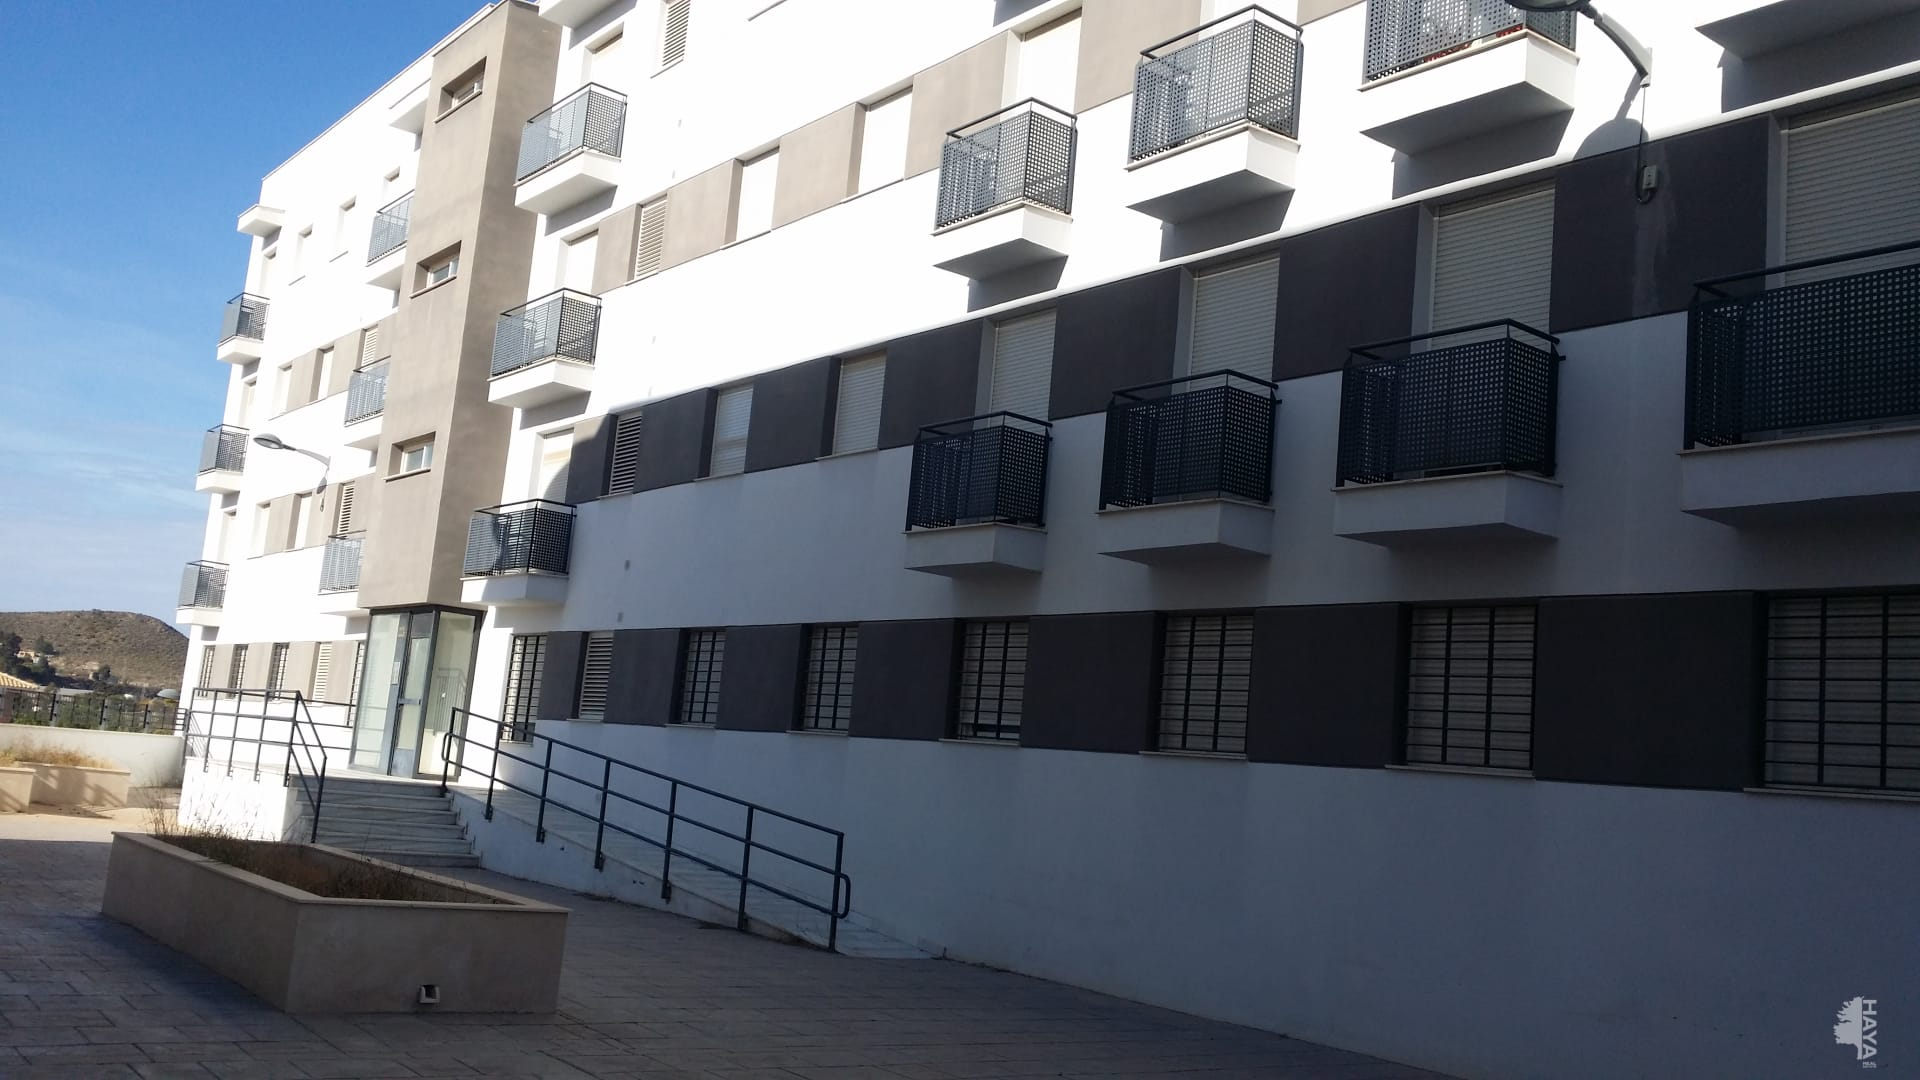 Piso en venta en Olula del Río, Almería, Calle Alta, 63.900 €, 3 habitaciones, 1 baño, 89 m2